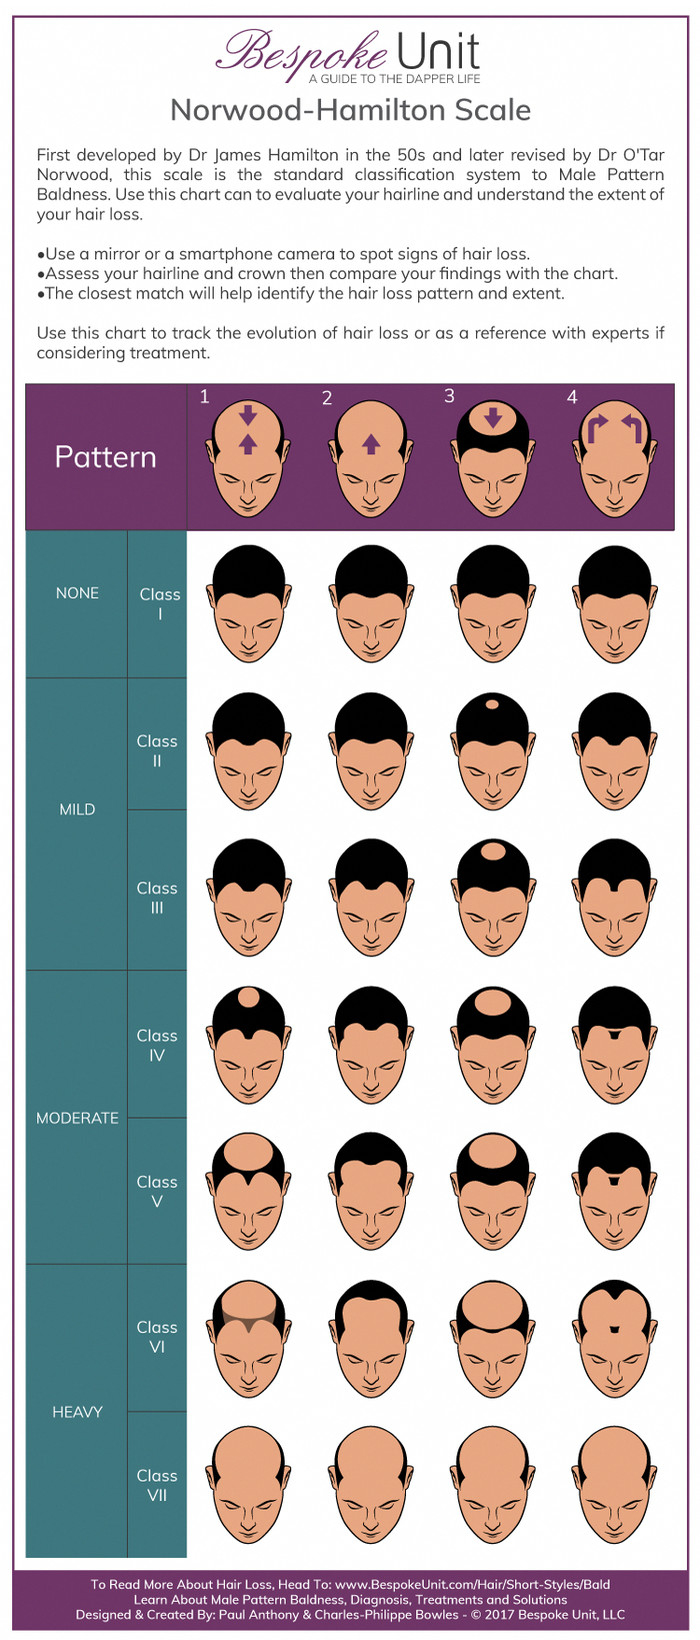 Мужское облысение, как с этим бороться и победить (часть 6: Что нужно знать? Памятка начинающего волосокультиватора) Медицина, Пластическая хирургия, Волосы, Облысение, Длиннопост